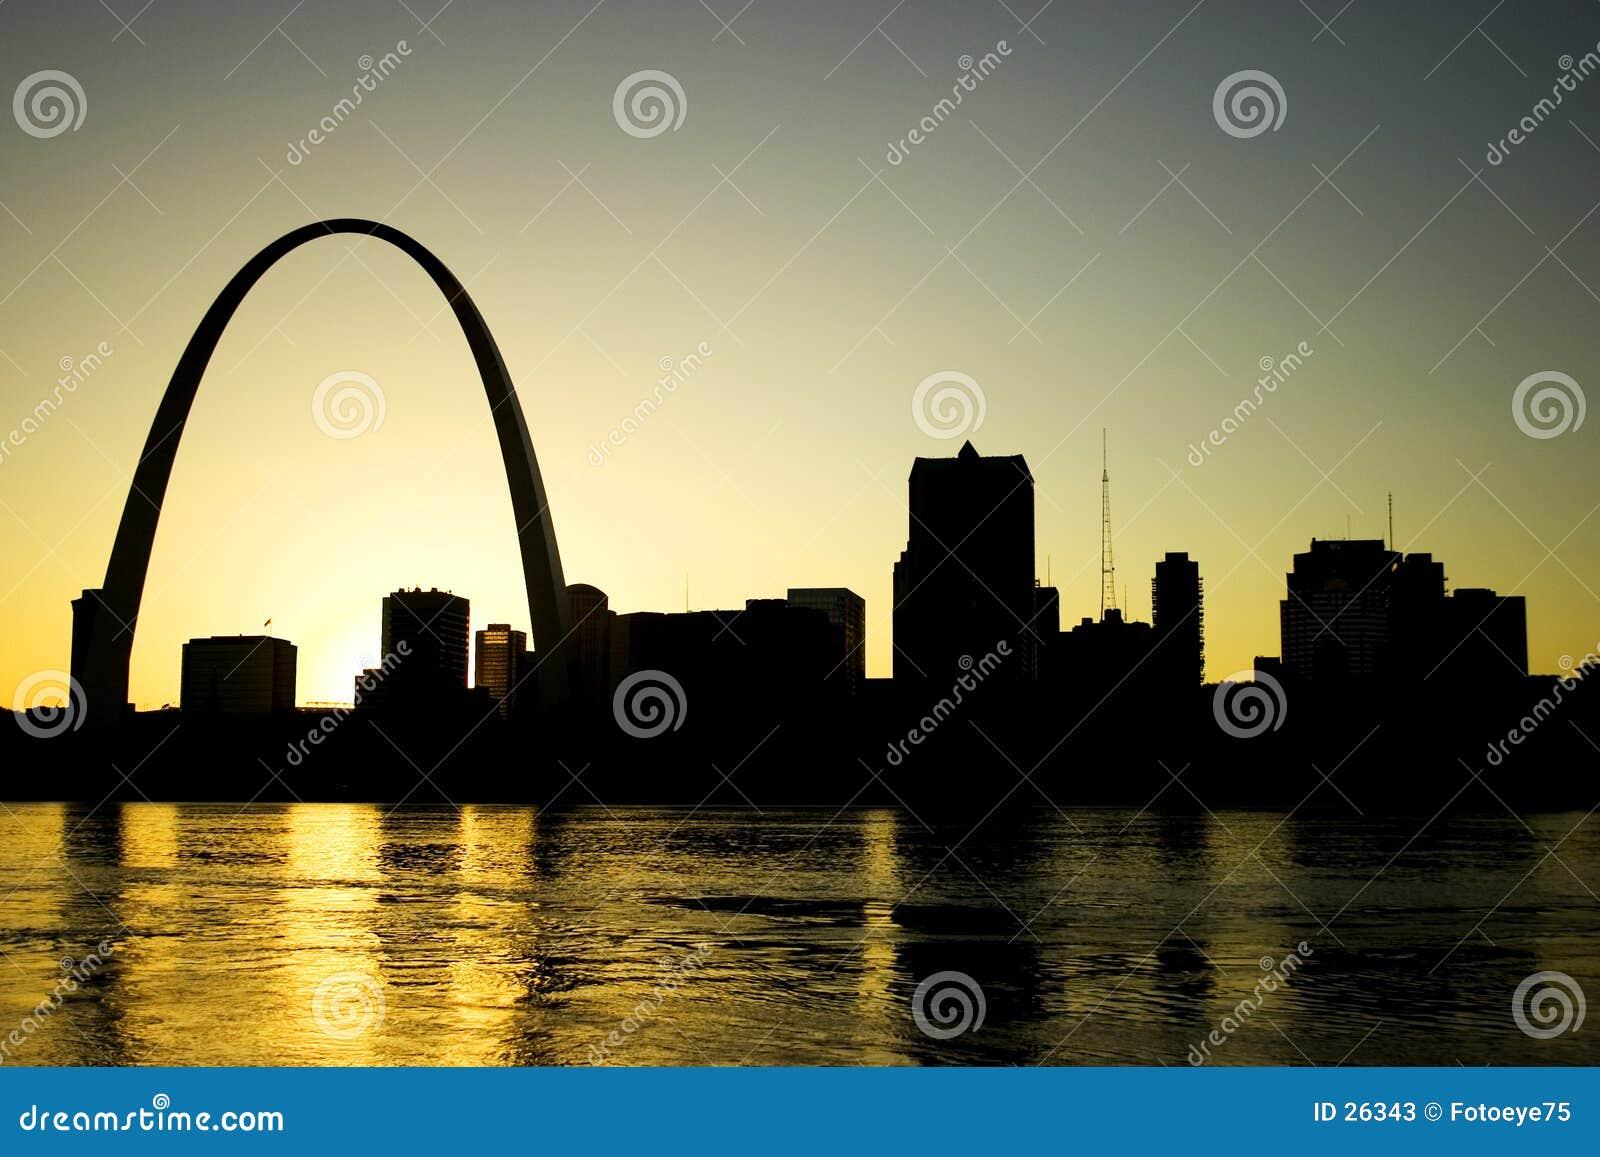 Gateway Arch St. Louis Missouri Skyline